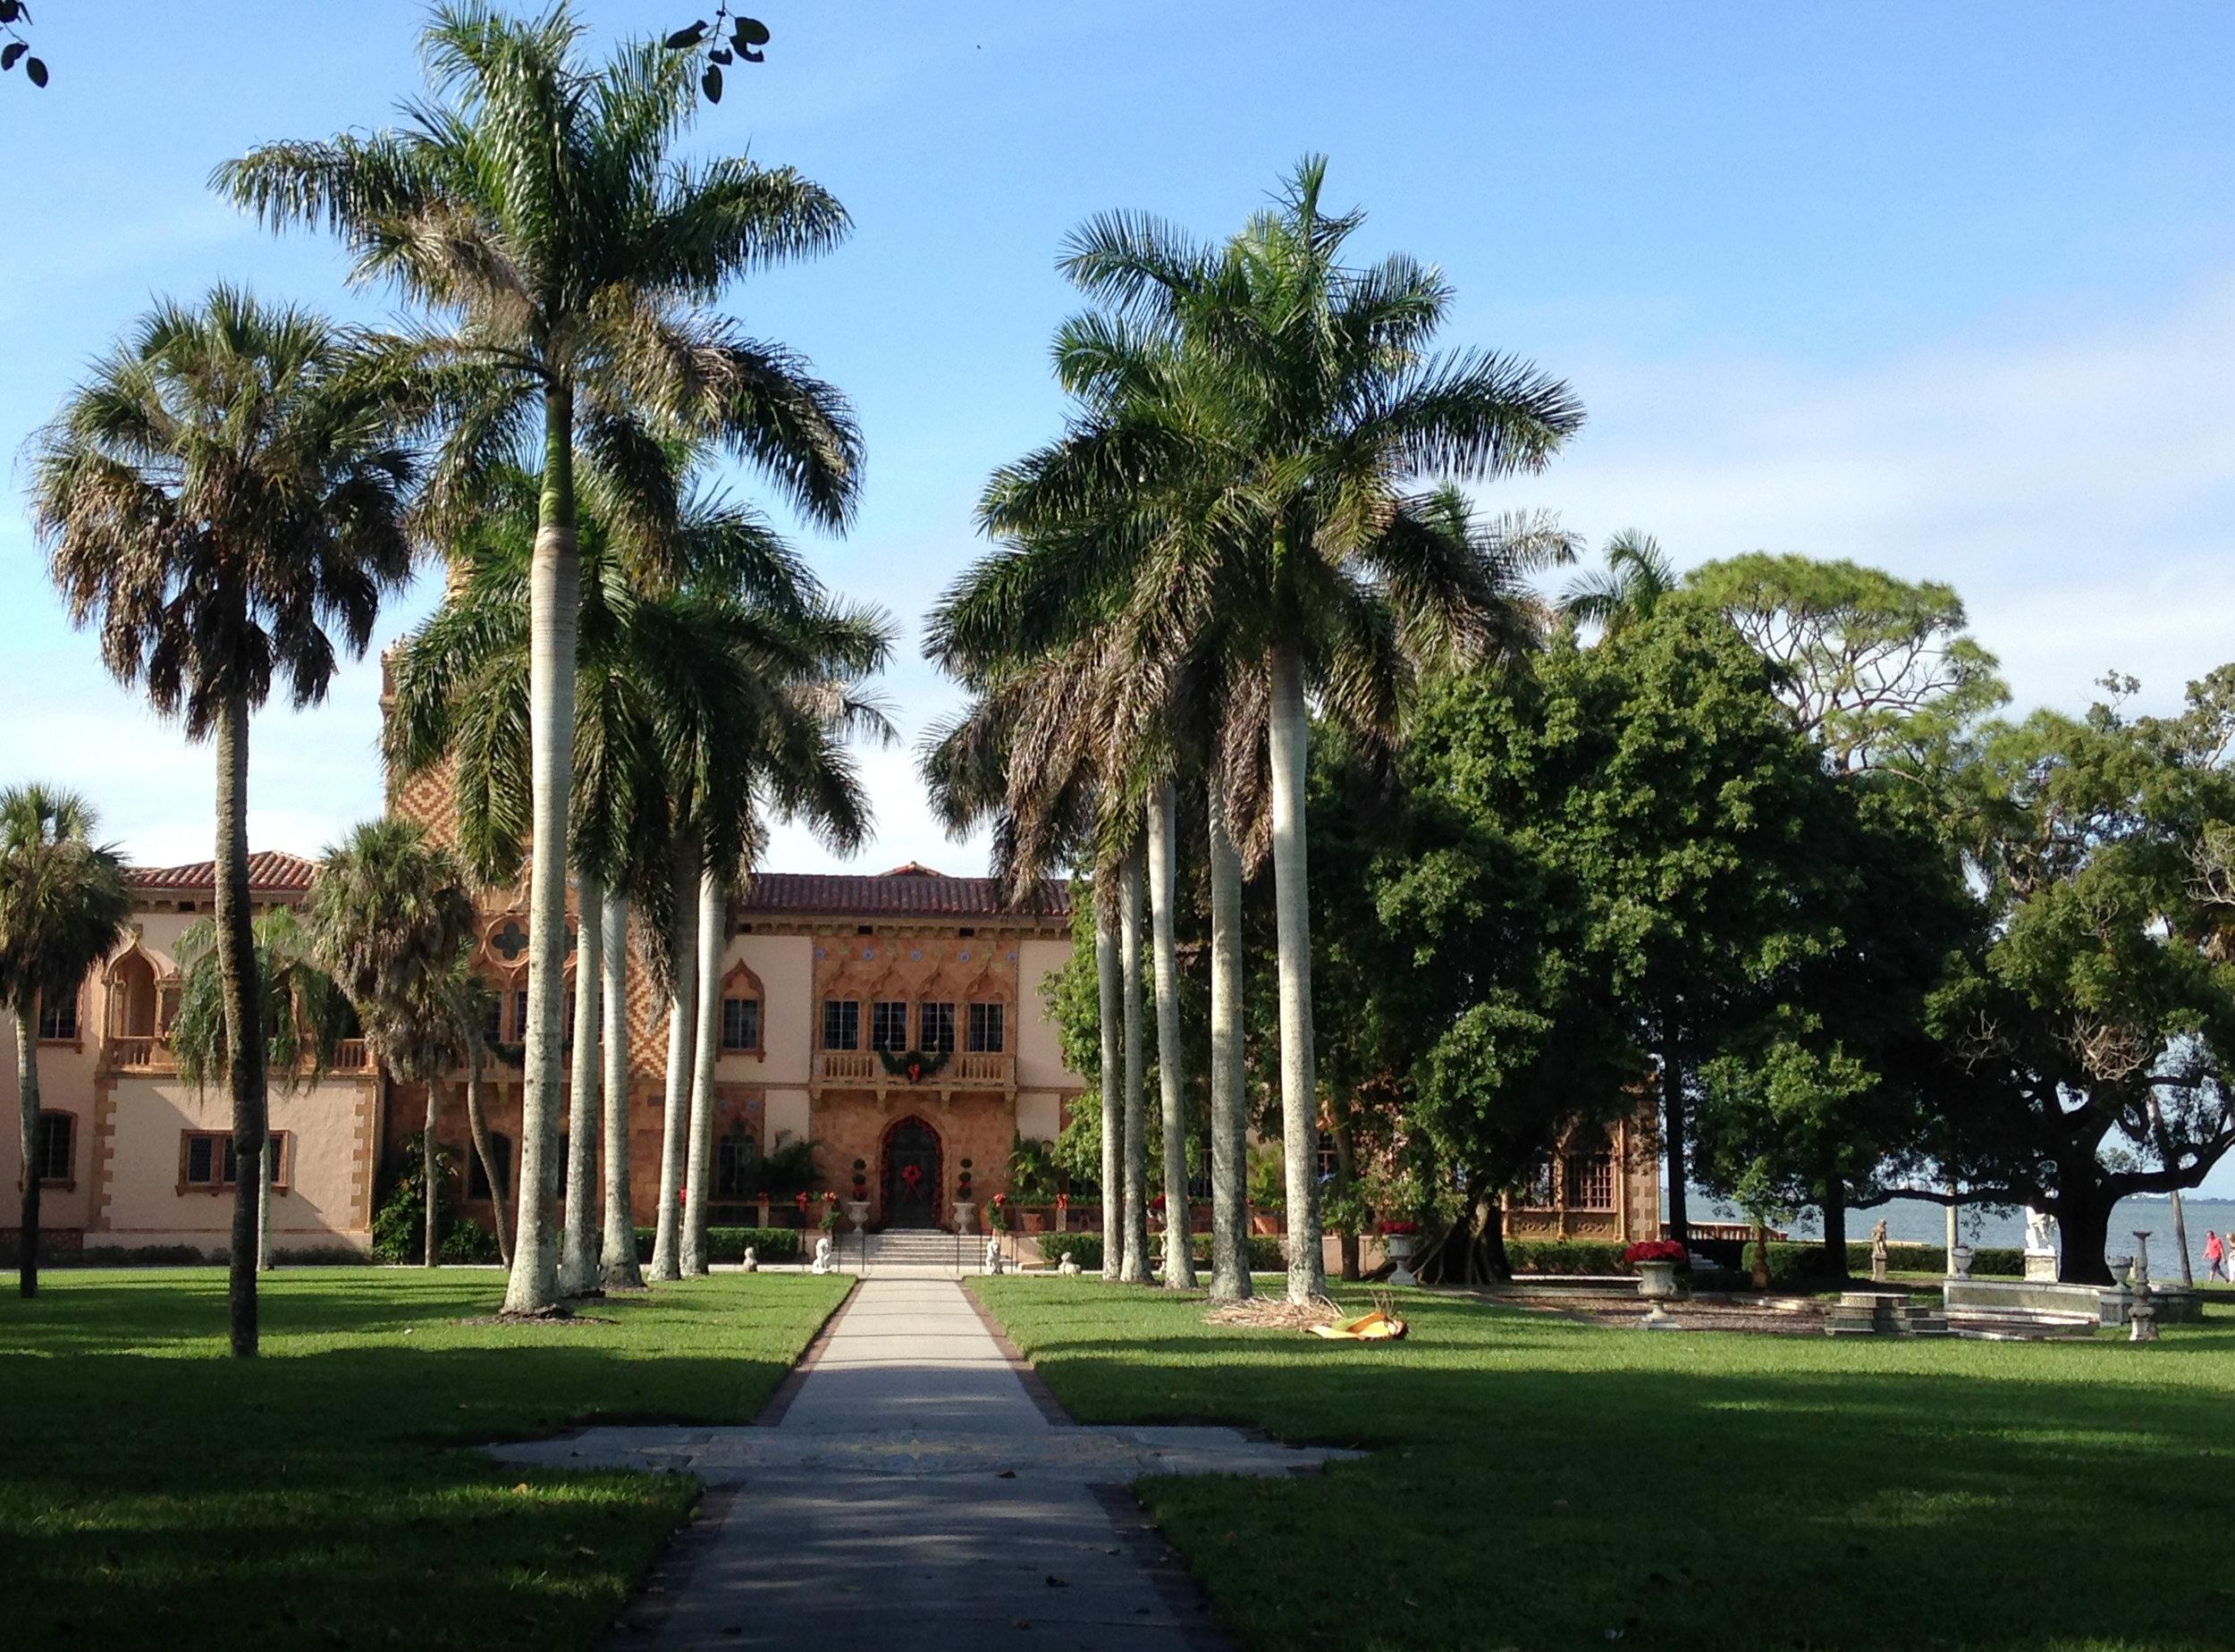 Entrance to Cá d'Zan, Ringling Mansion